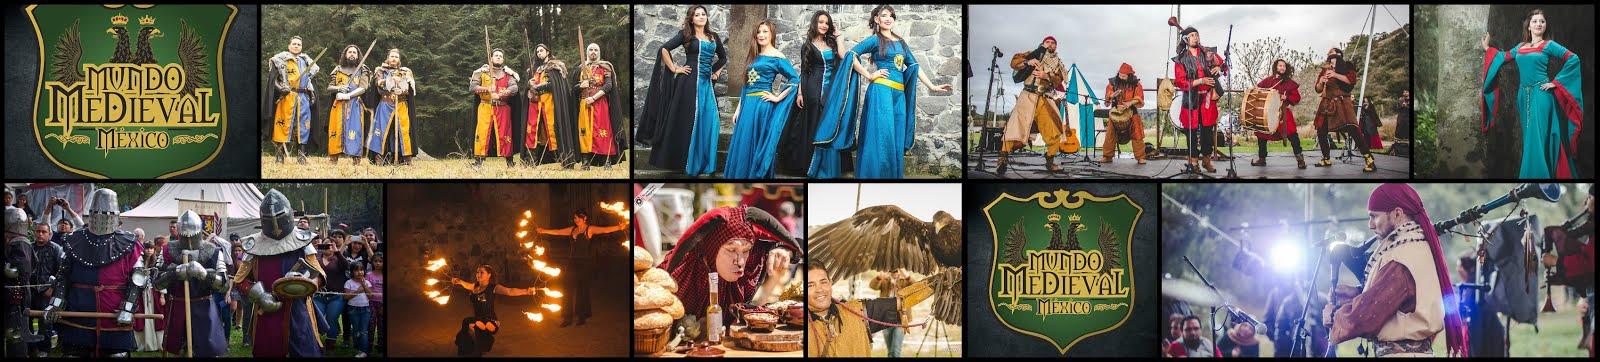 Festival Medieval | Mundo Medieval México